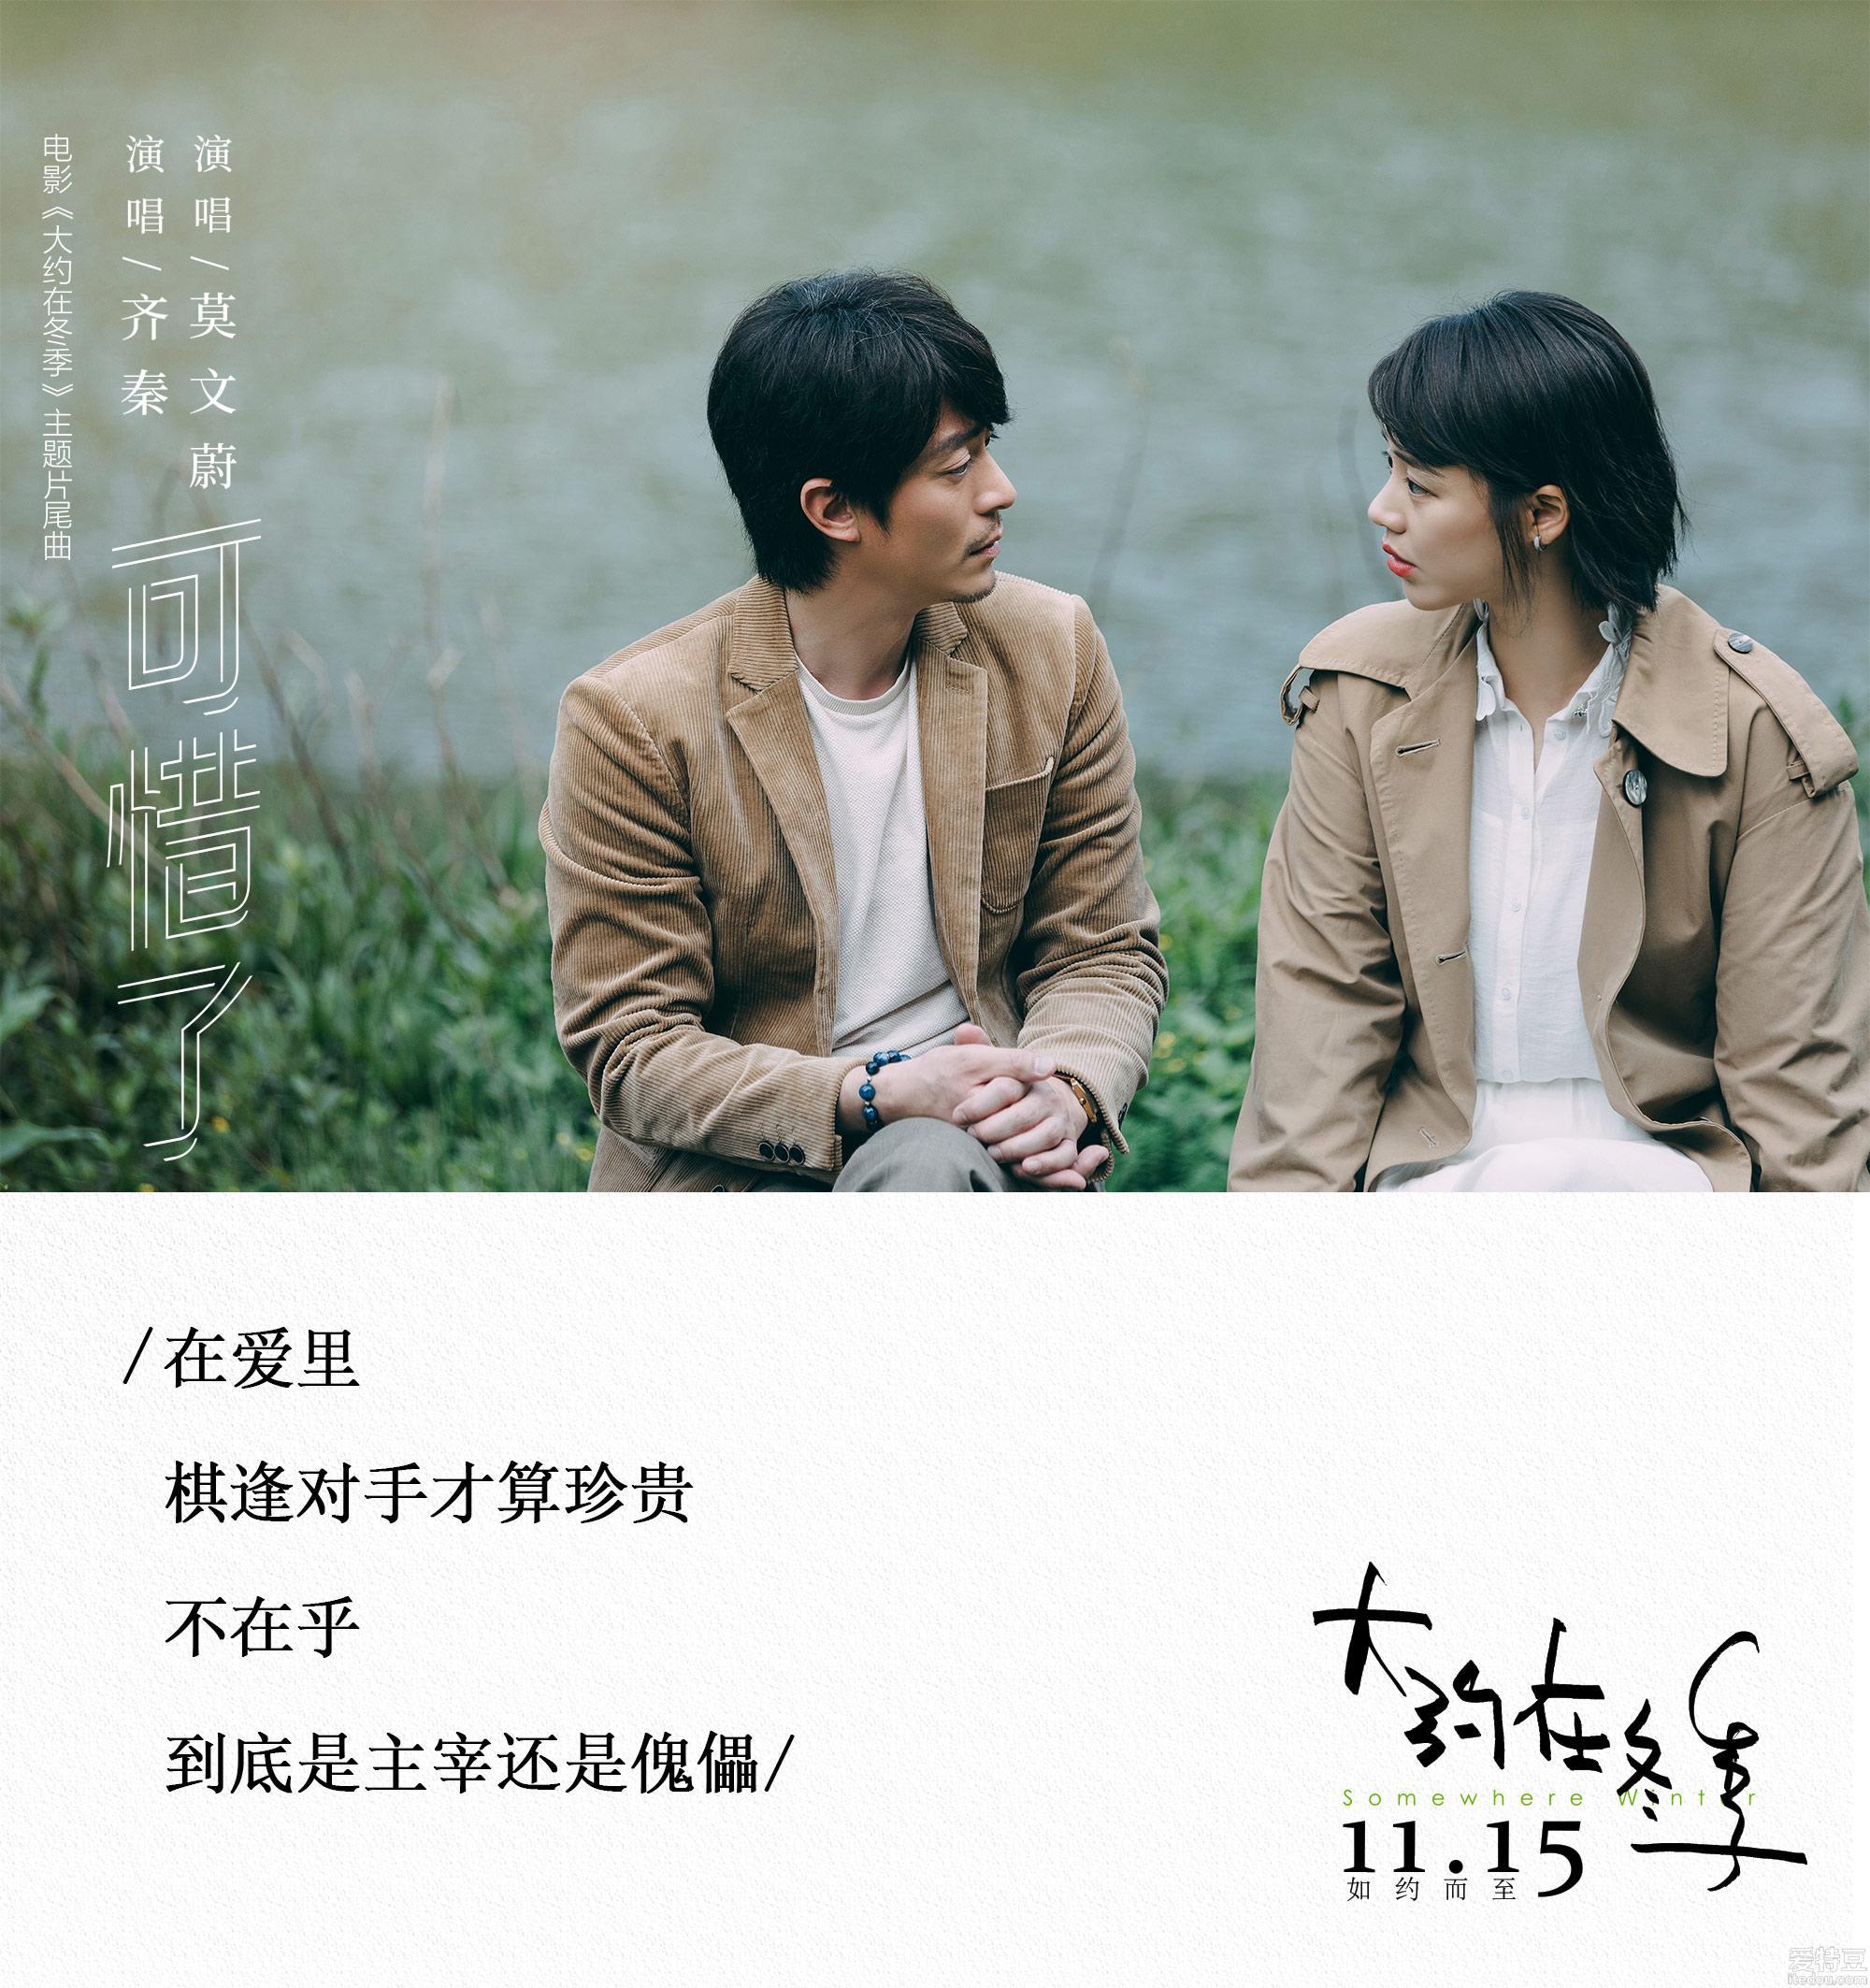 电影《大约在冬季》发布片尾曲 齐秦莫文蔚深情对唱